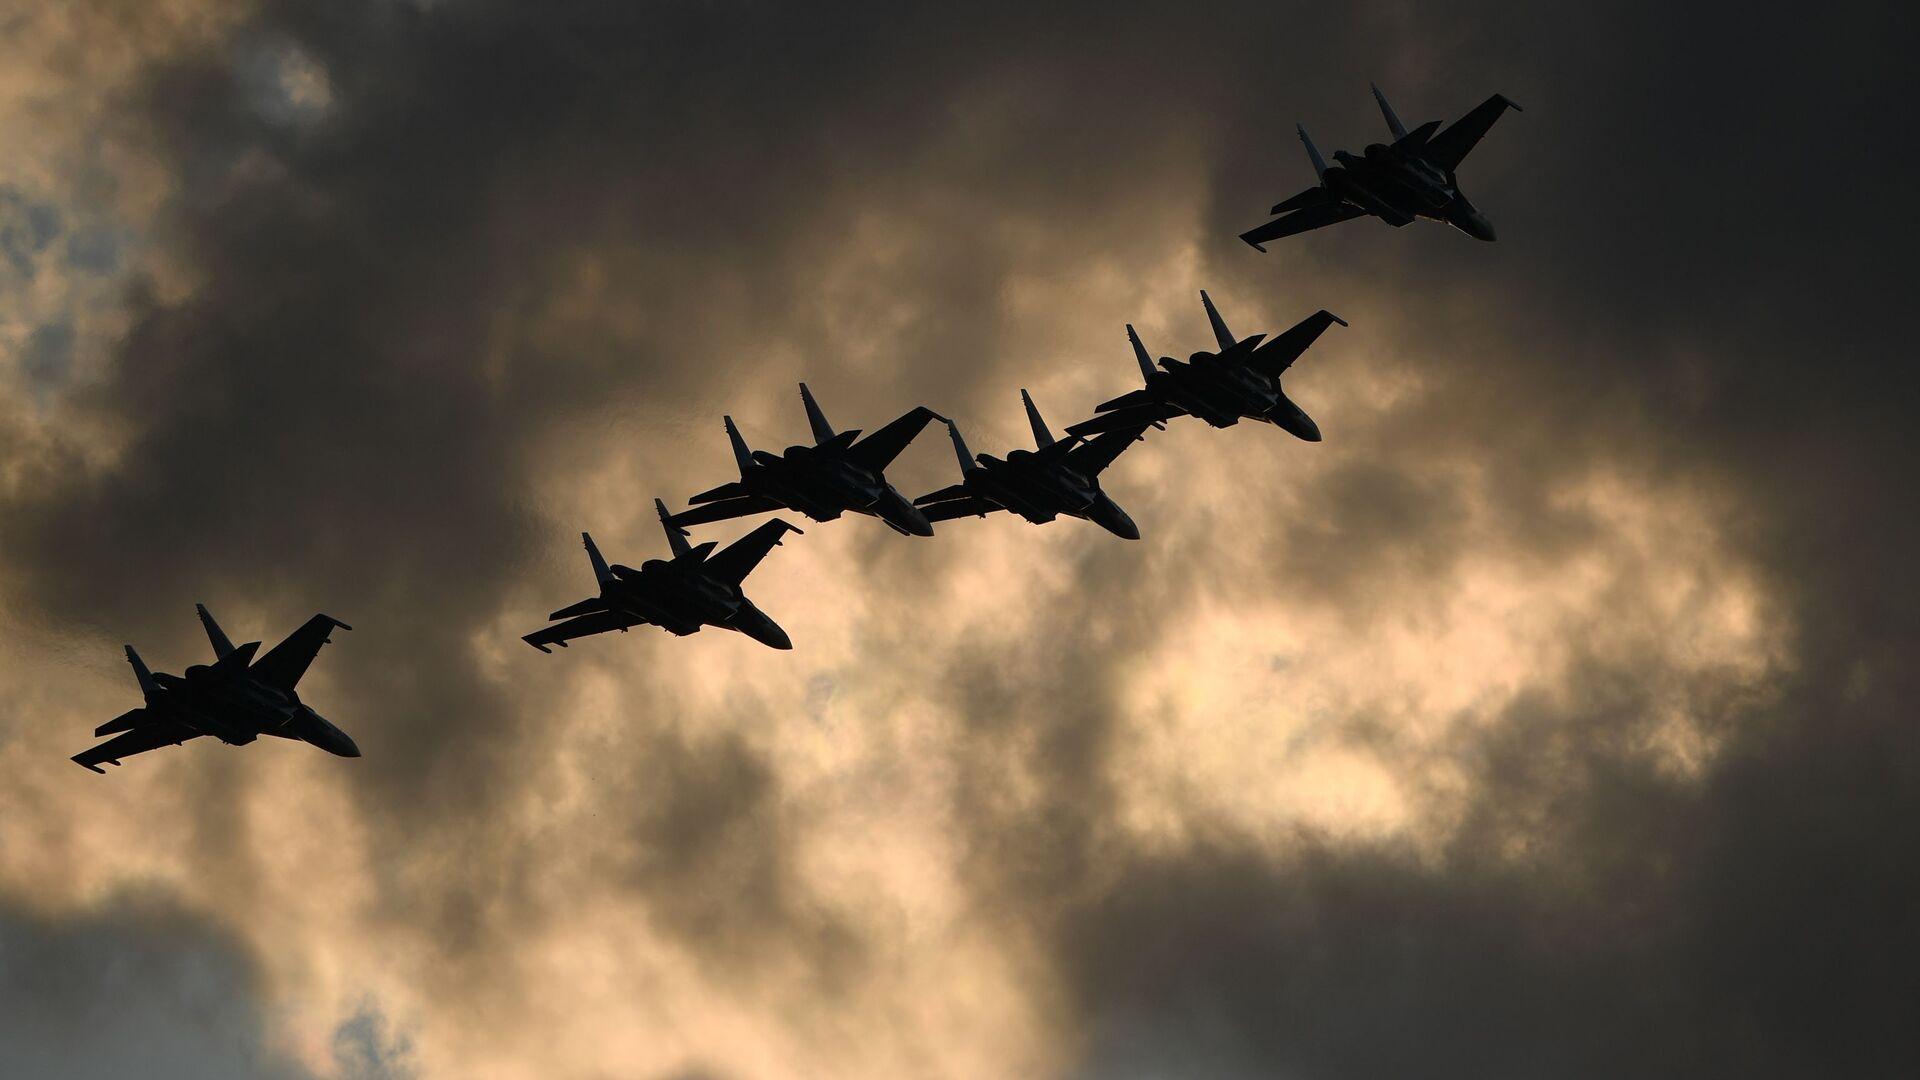 Пилотажная группа Русские витязи на самолетах Су-30СМ  во время выполнения летной программы на МАКС-2021 - Sputnik Ўзбекистон, 1920, 29.07.2021